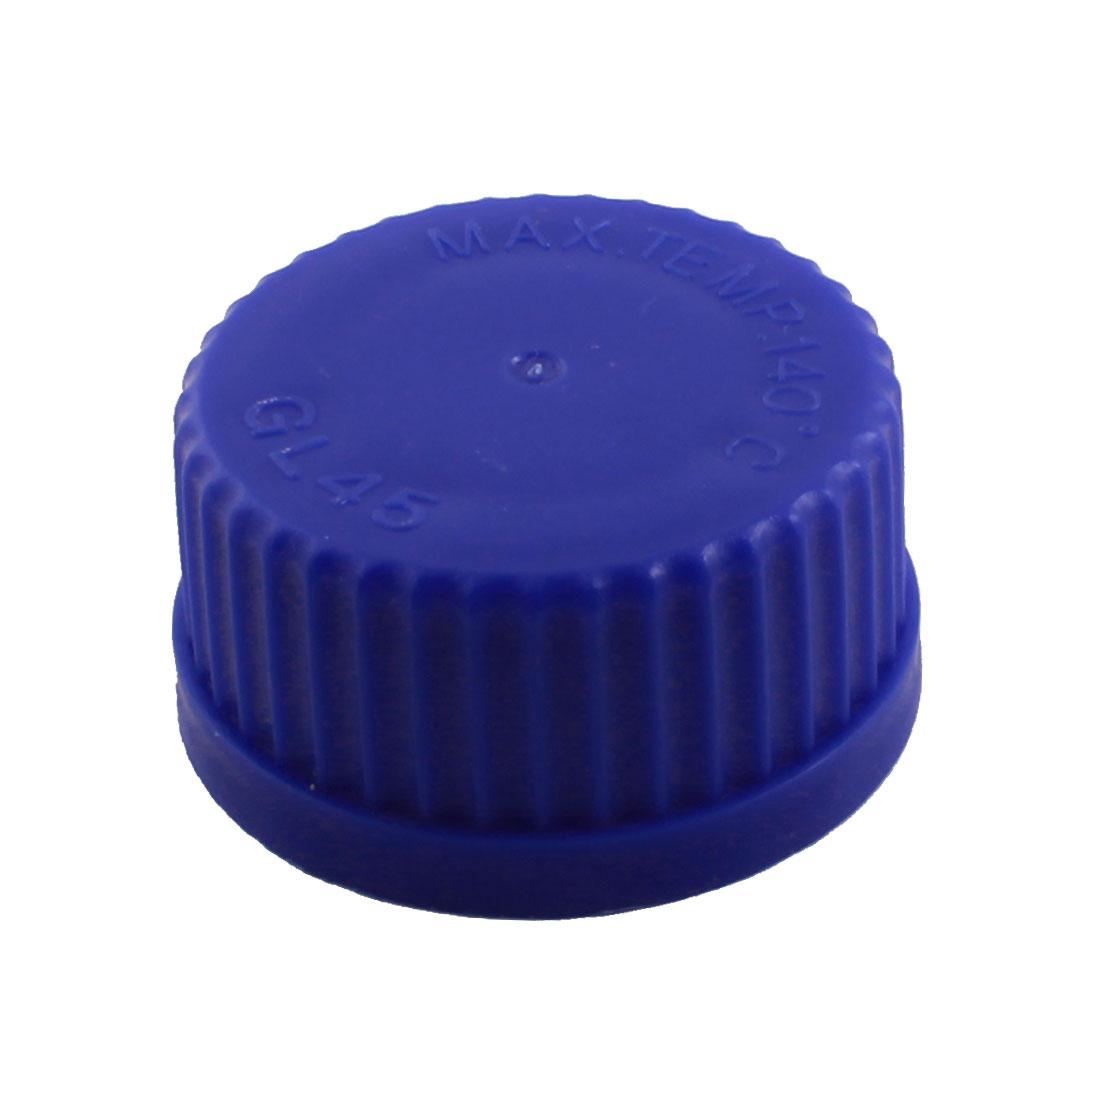 45mm Thread Dia Laboratory Blue Screw Lid Reagent Bottle Container Cap